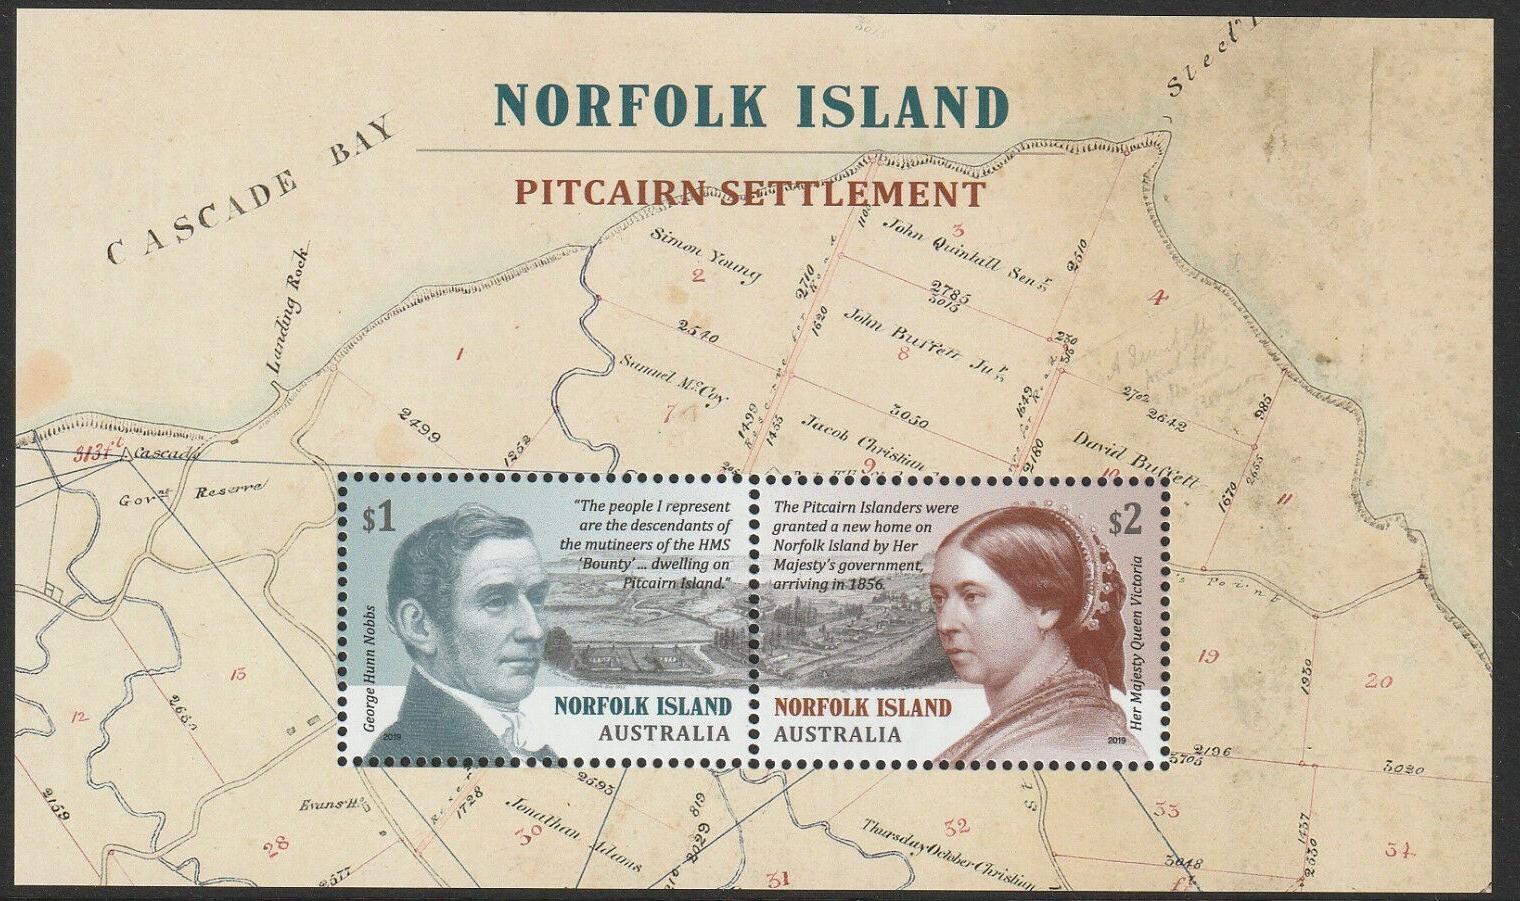 Norfolk Island - Pitcairn Settlement (January 22, 2019) souvenir sheet of 2